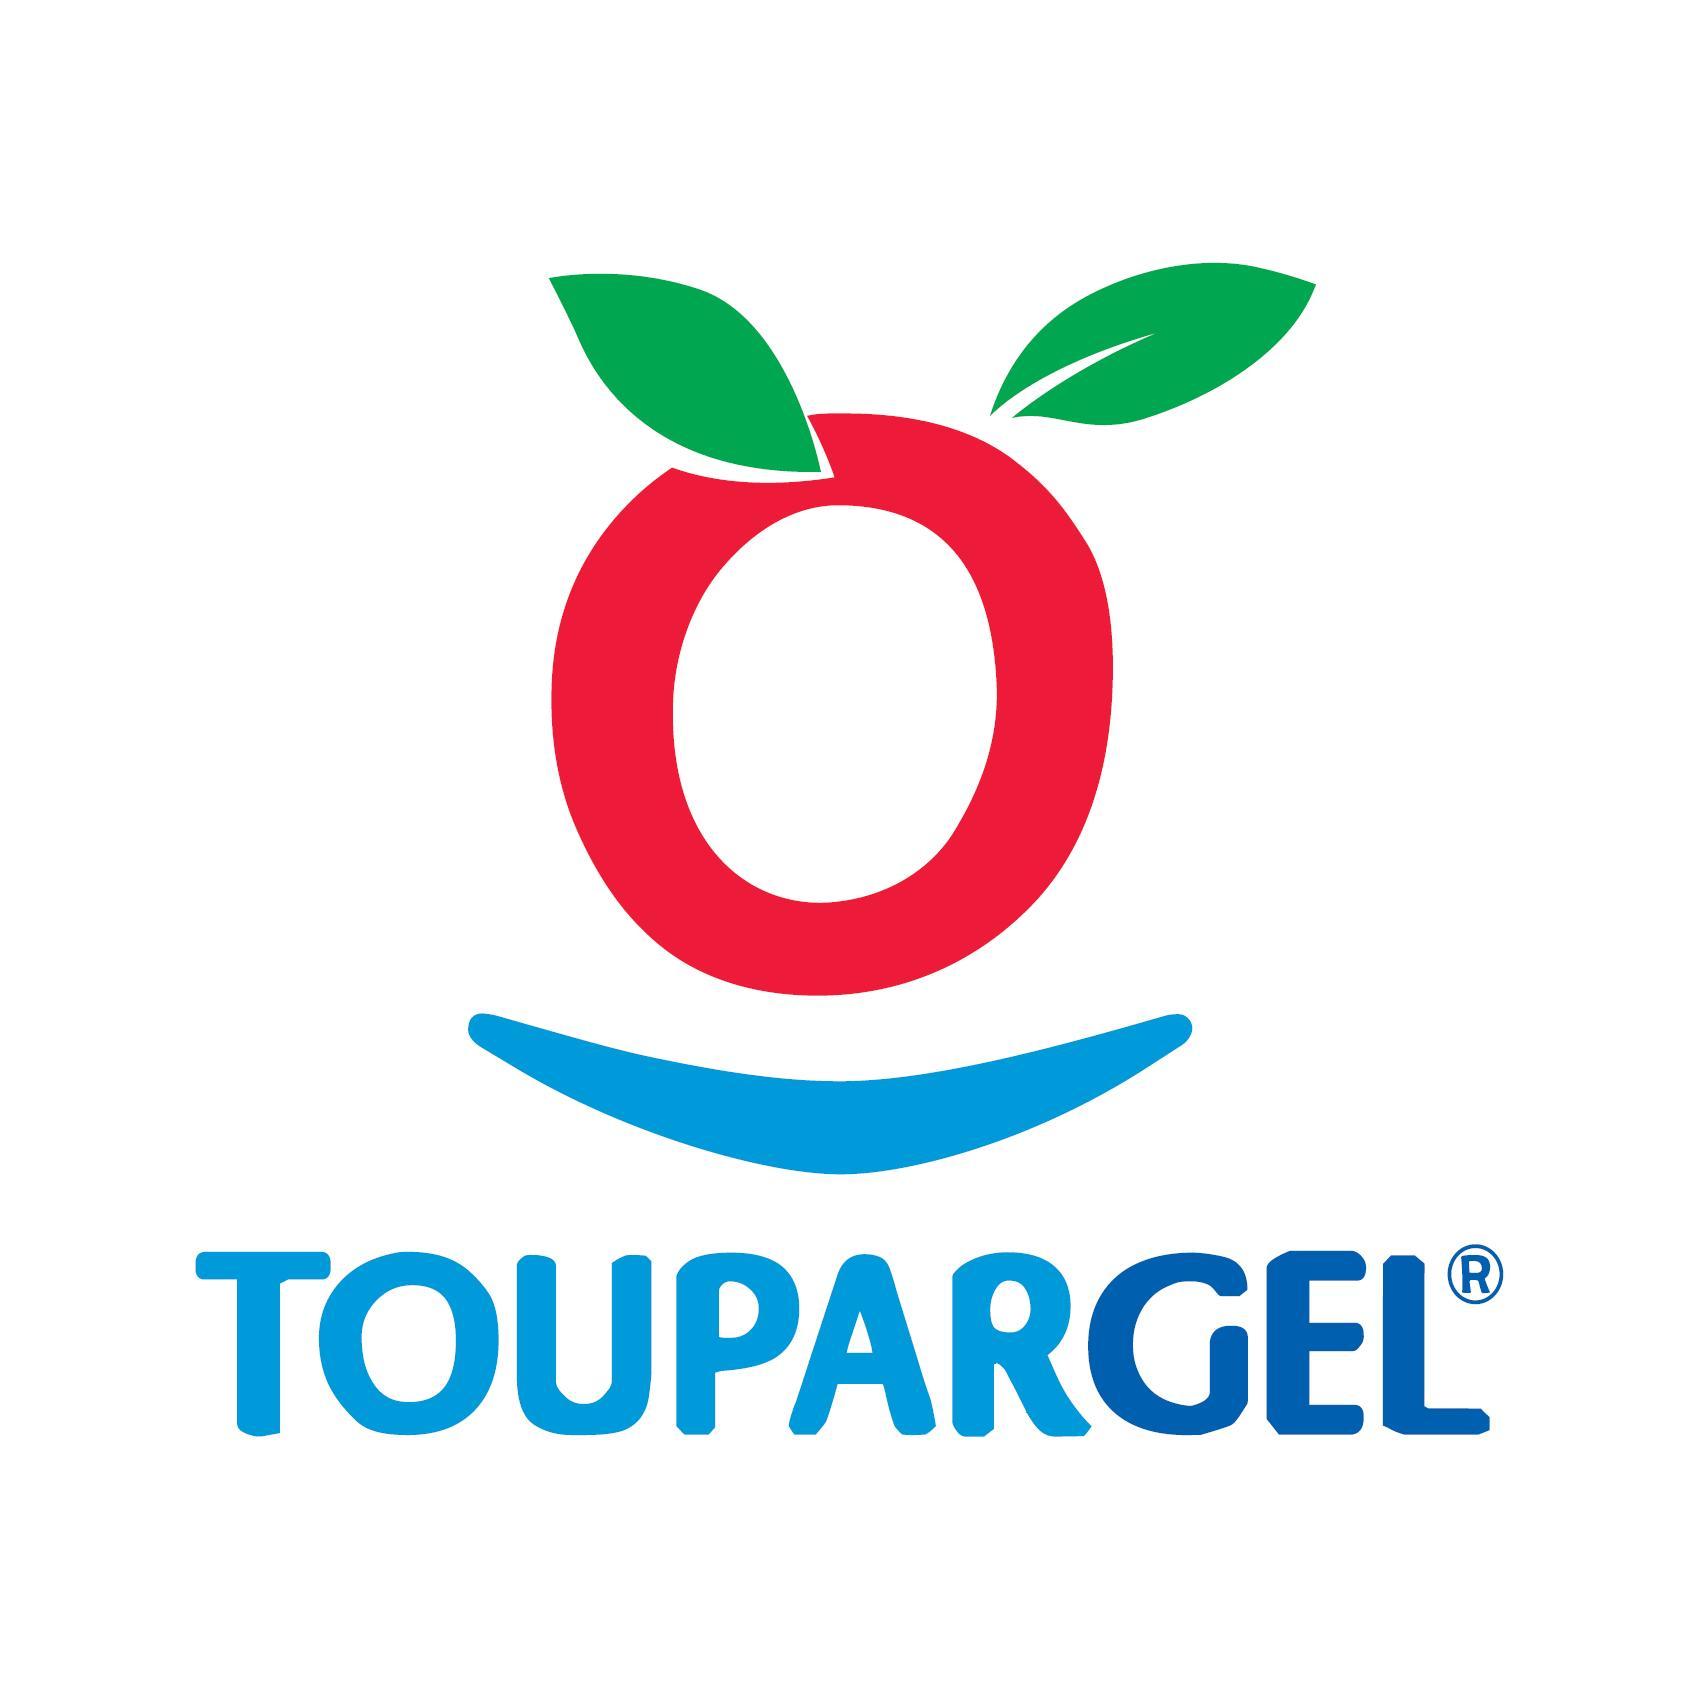 20€ de remise dès 60€ d'achats sur les produits de marque Toupargel